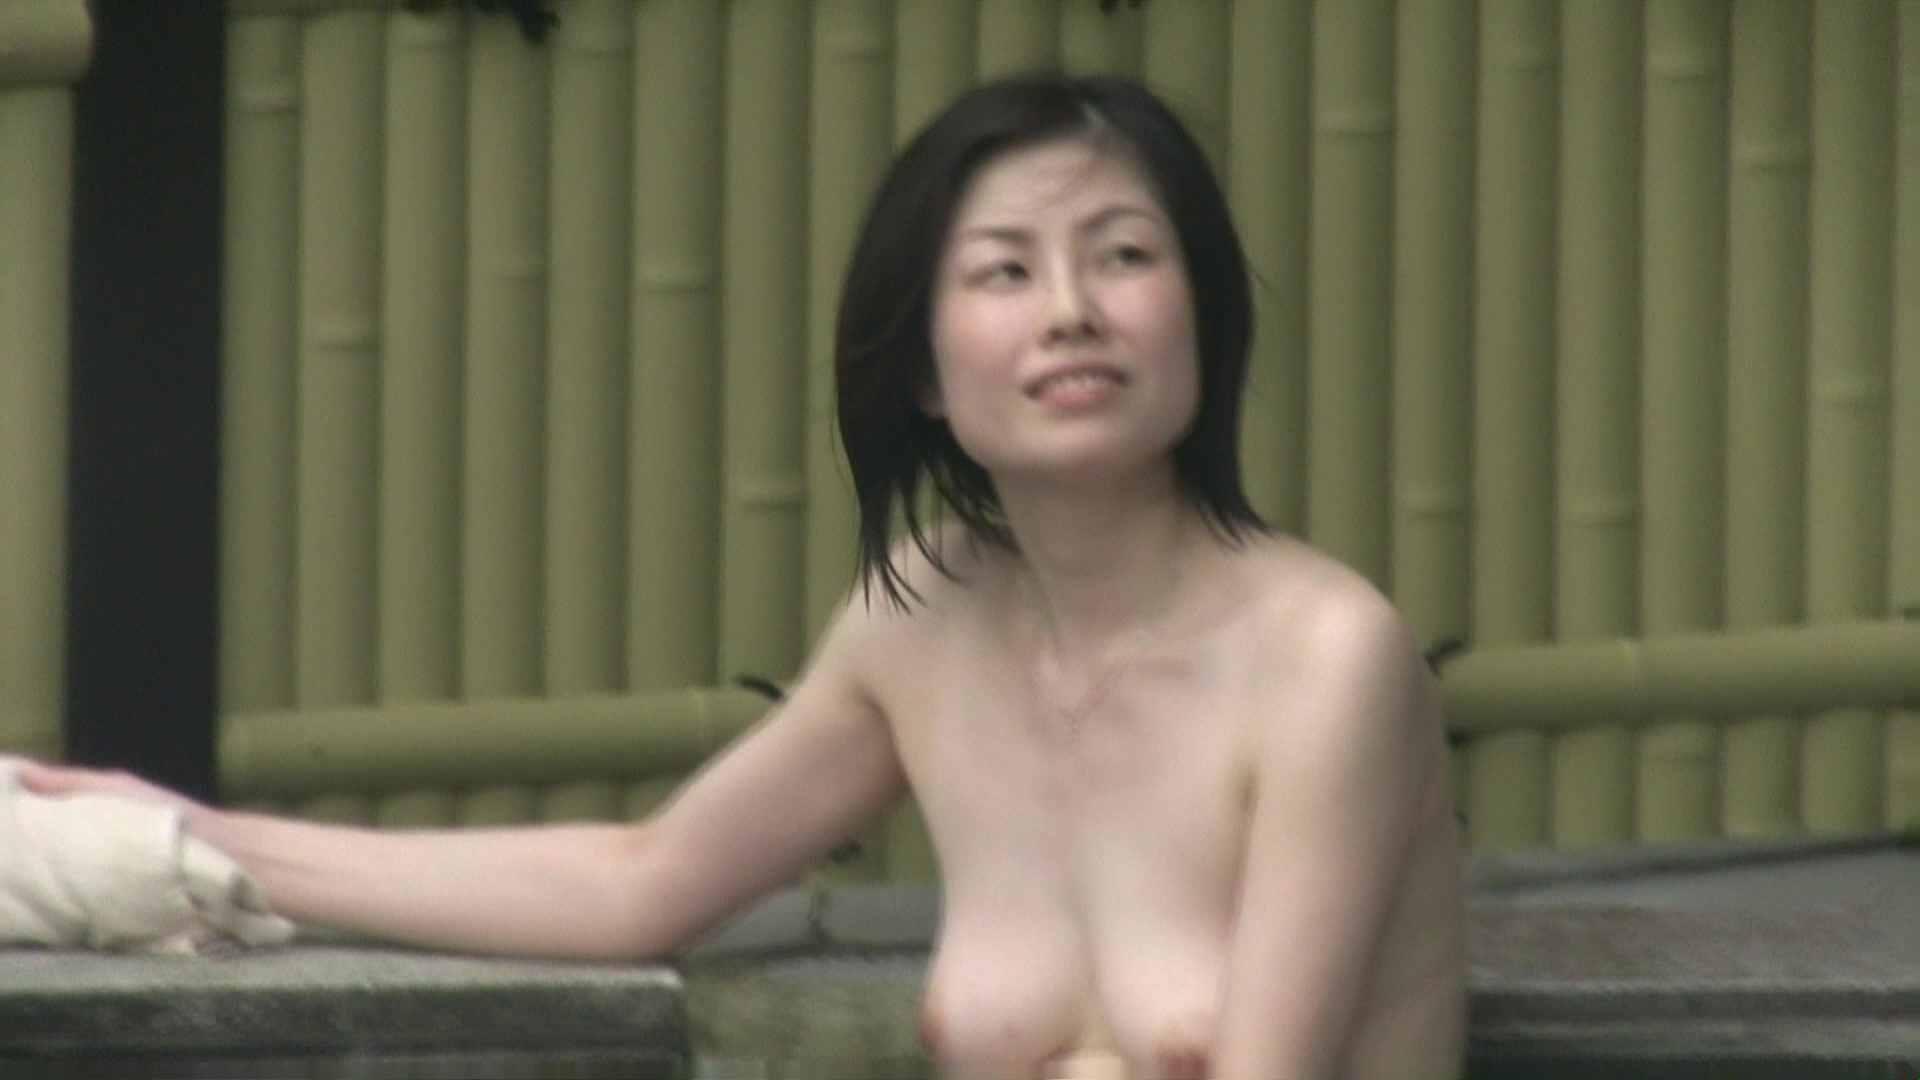 高画質露天女風呂観察 vol.035 OL  95pic 16